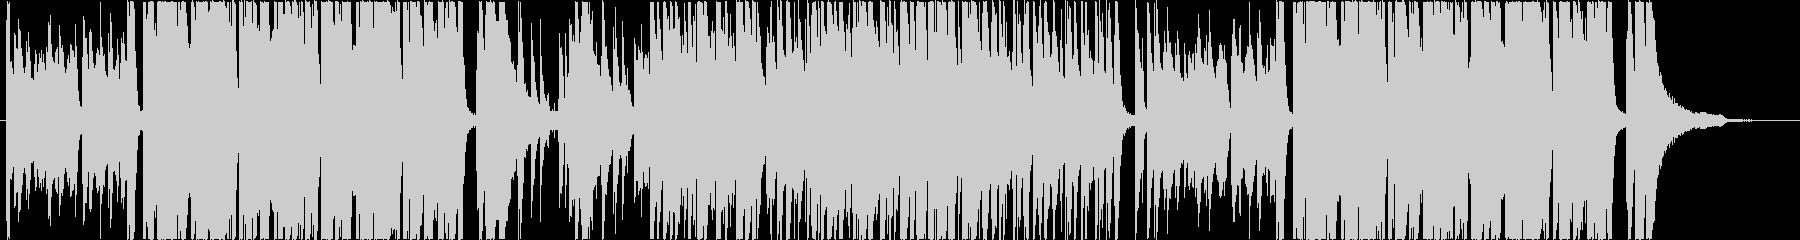 カジノ ルーレット ピアノの未再生の波形